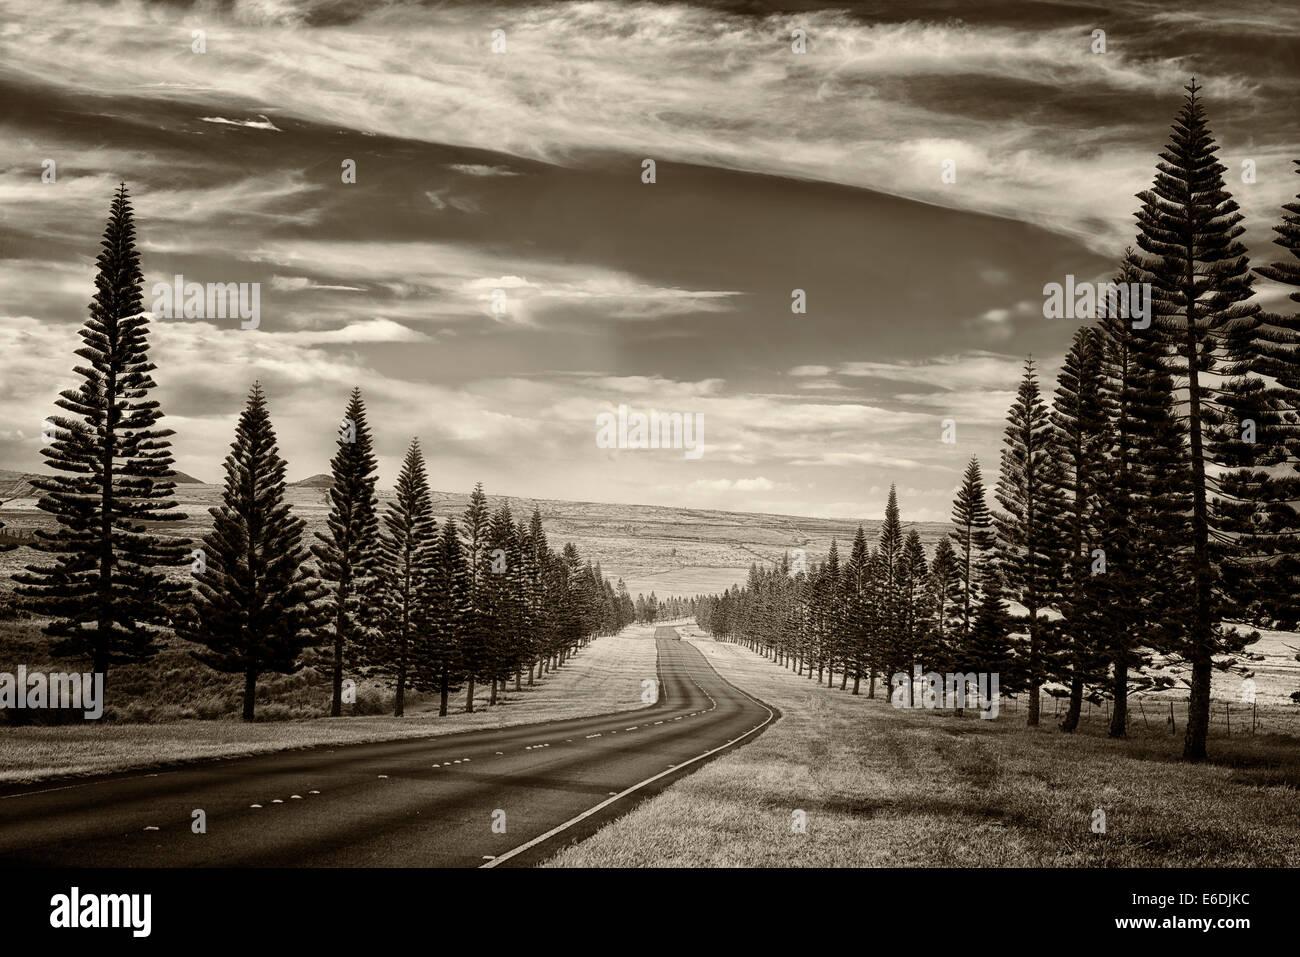 Carretera principal sobre Lanai forrado con pinos de las Islas Cook. Lanai, Hawai Foto de stock